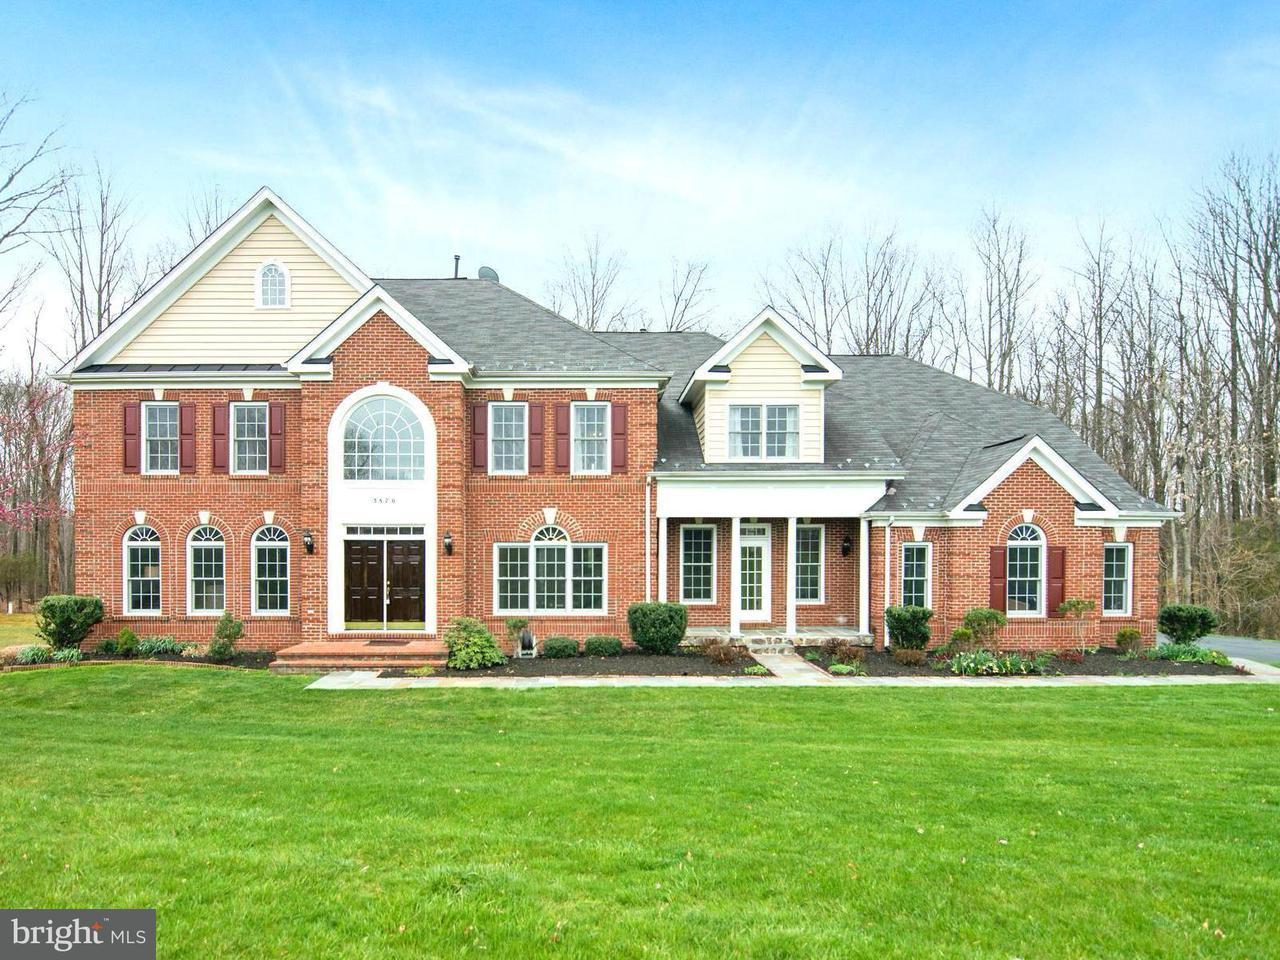 Vivienda unifamiliar por un Venta en 3870 Avonlea Way 3870 Avonlea Way Catharpin, Virginia 20143 Estados Unidos